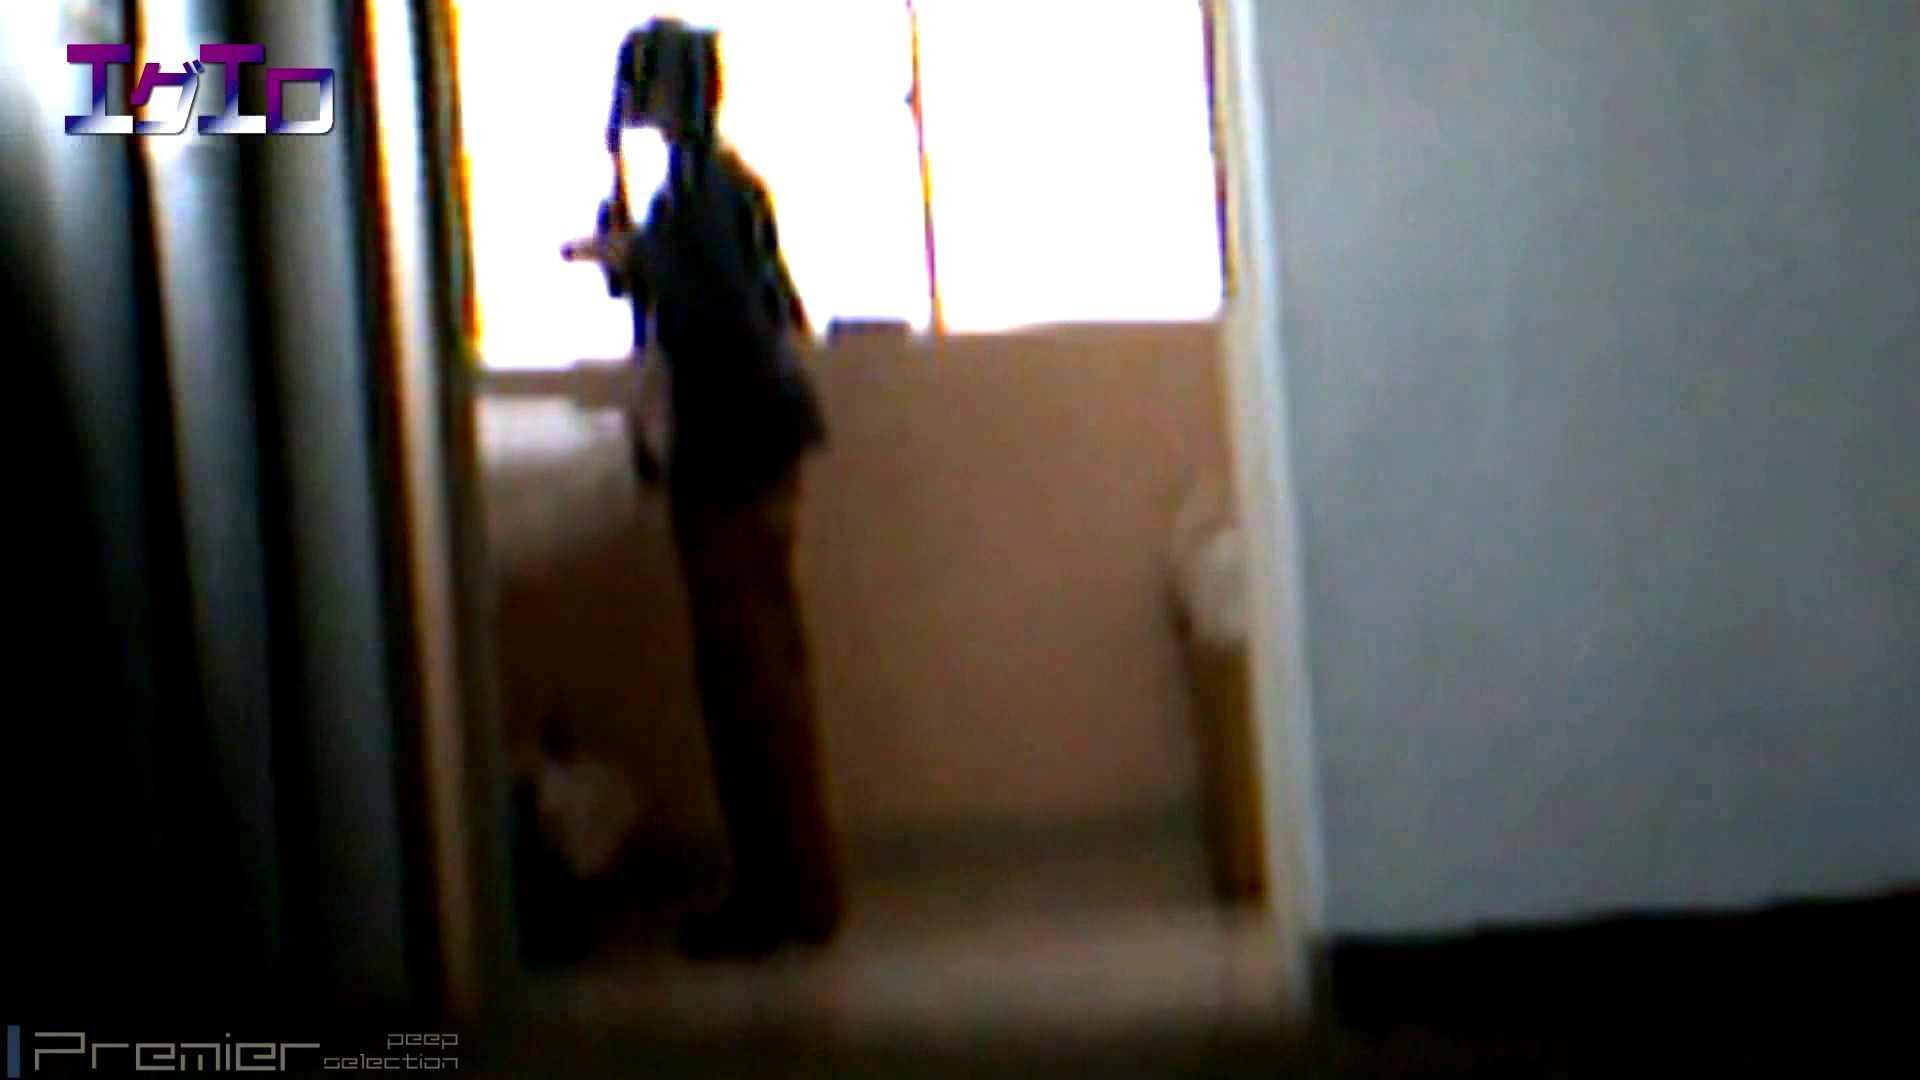 至近距離洗面所 Vol.09夏ギャルキタ~和式トイレ放nyoショー 洗面所 すけべAV動画紹介 80画像 46